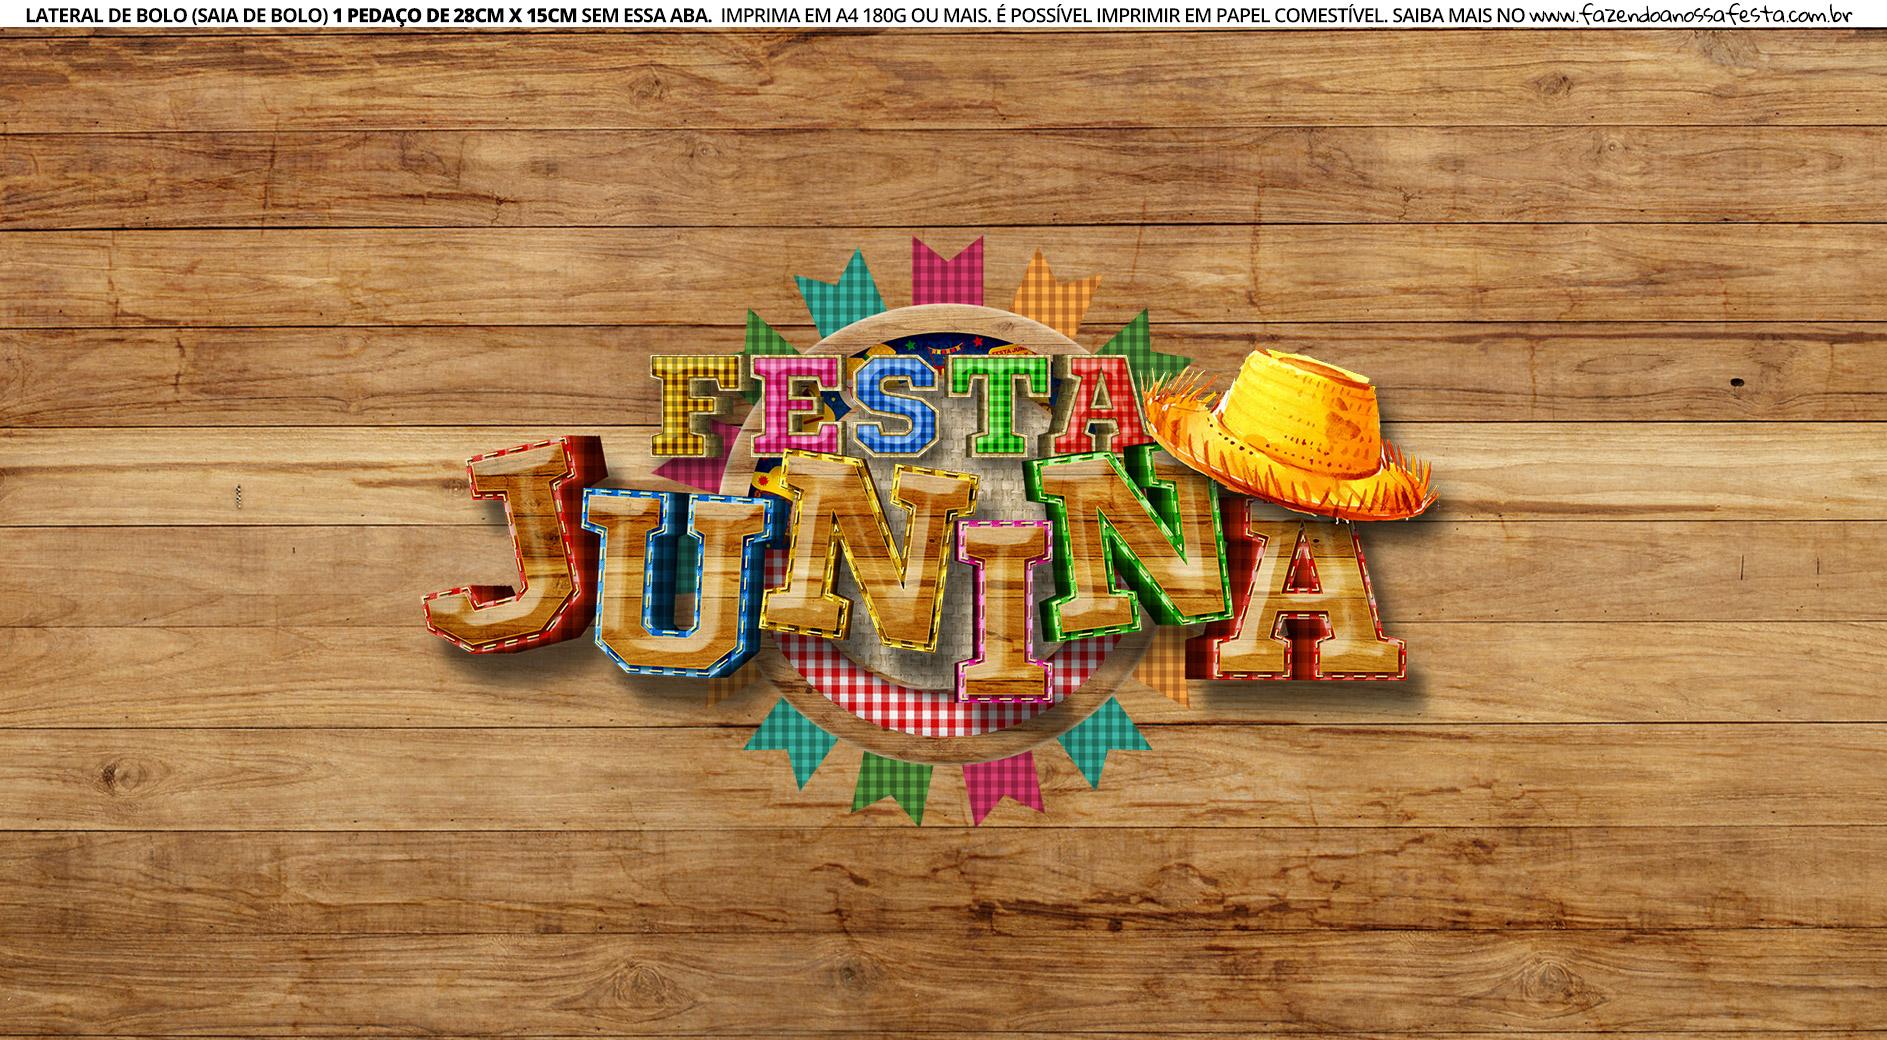 Faixa Lateral de Bolo Festa Junina 3 03